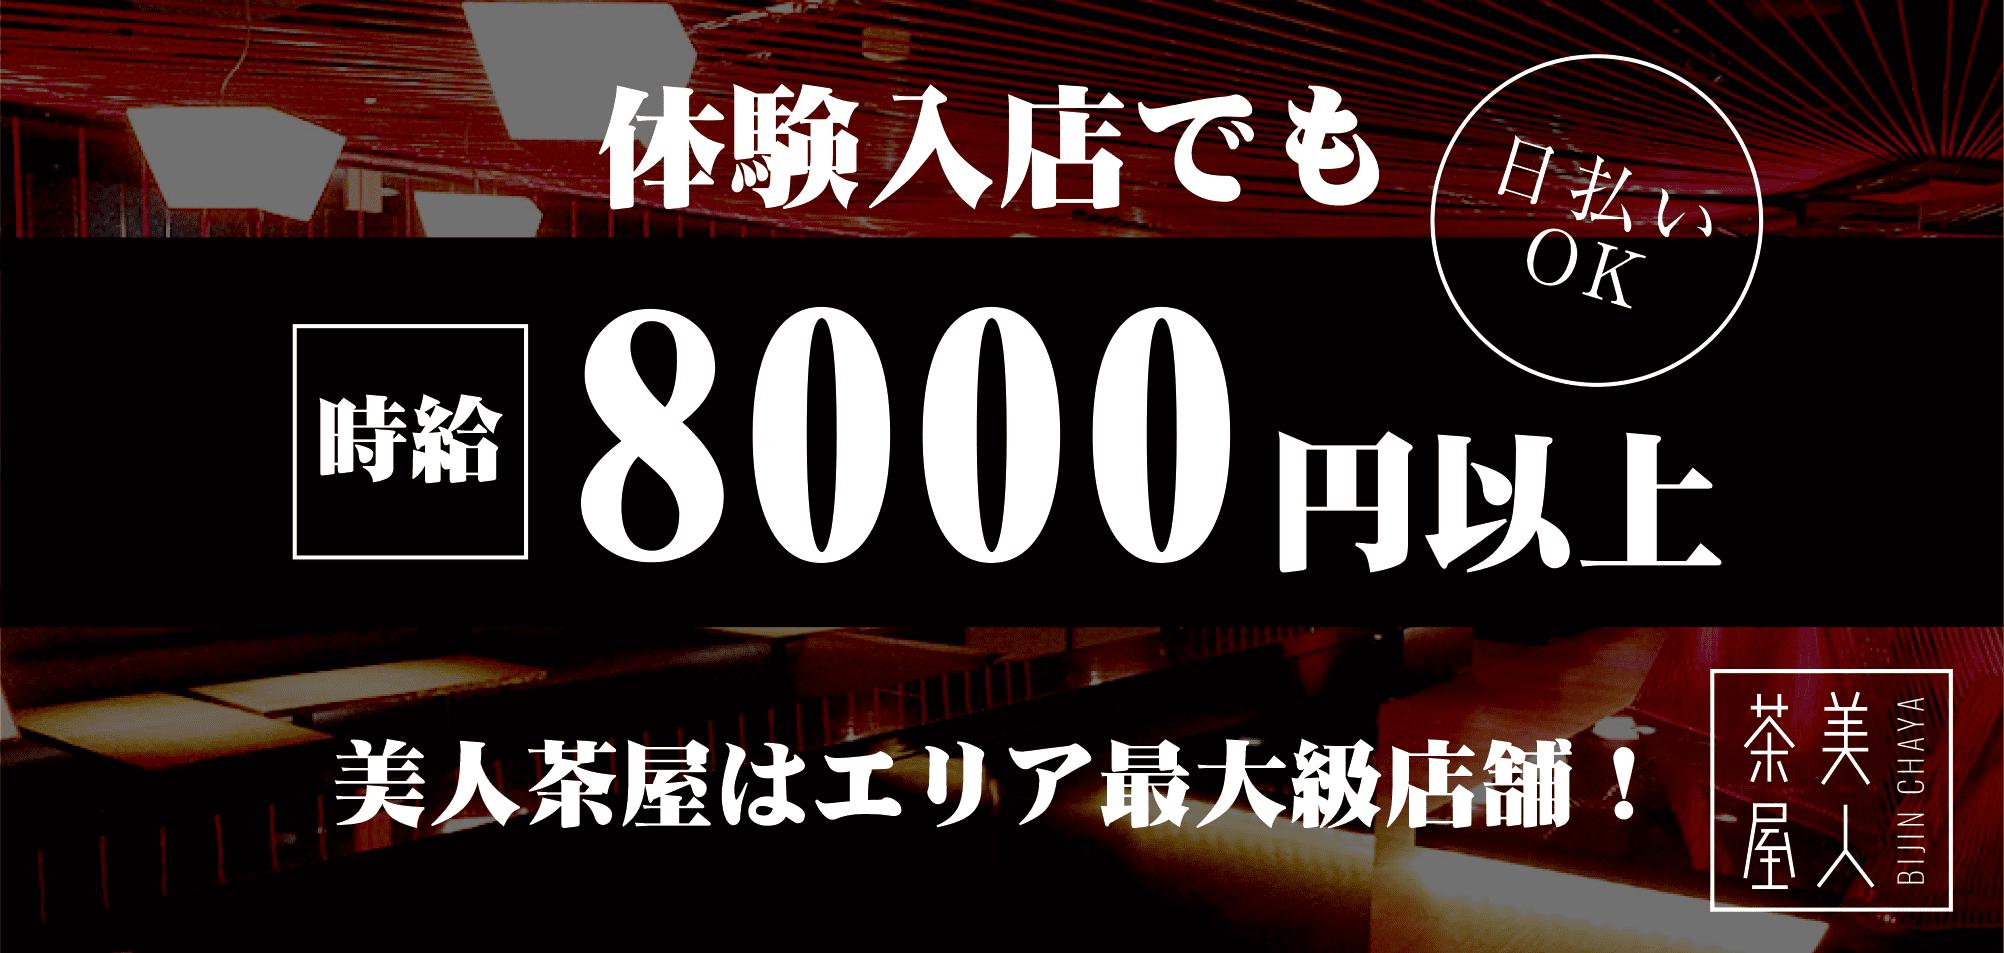 「美人茶屋 新宿」の求人バナー